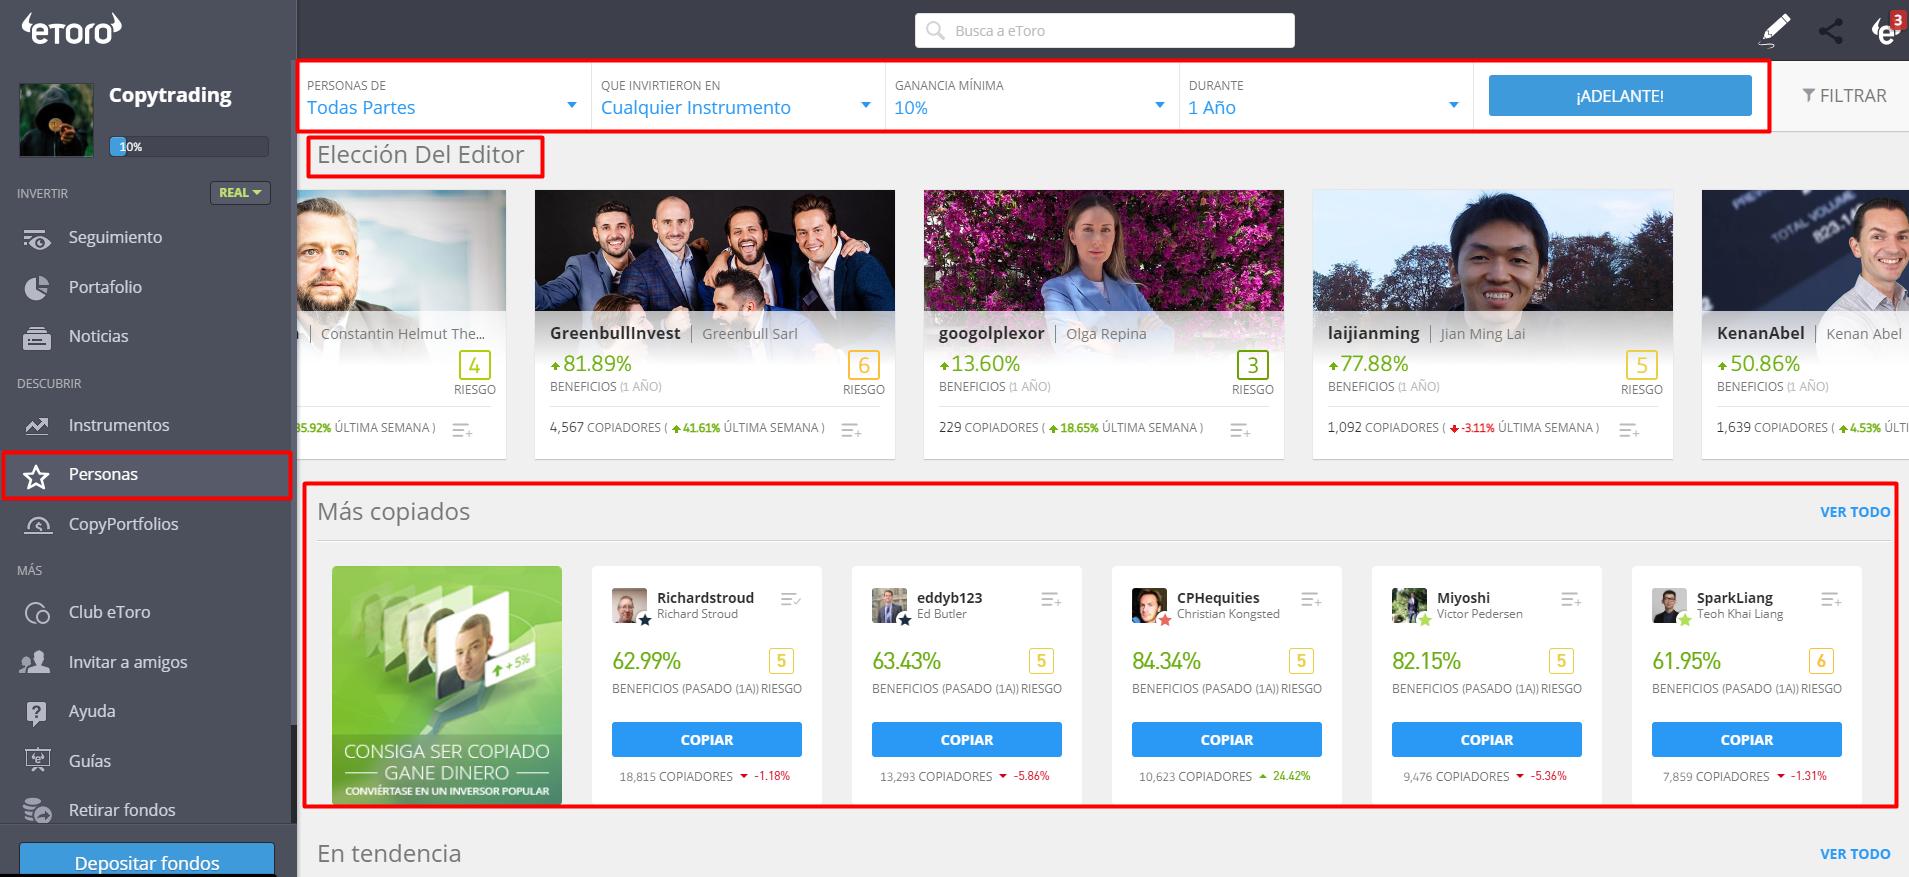 como ganar dinero por internet con copytrading